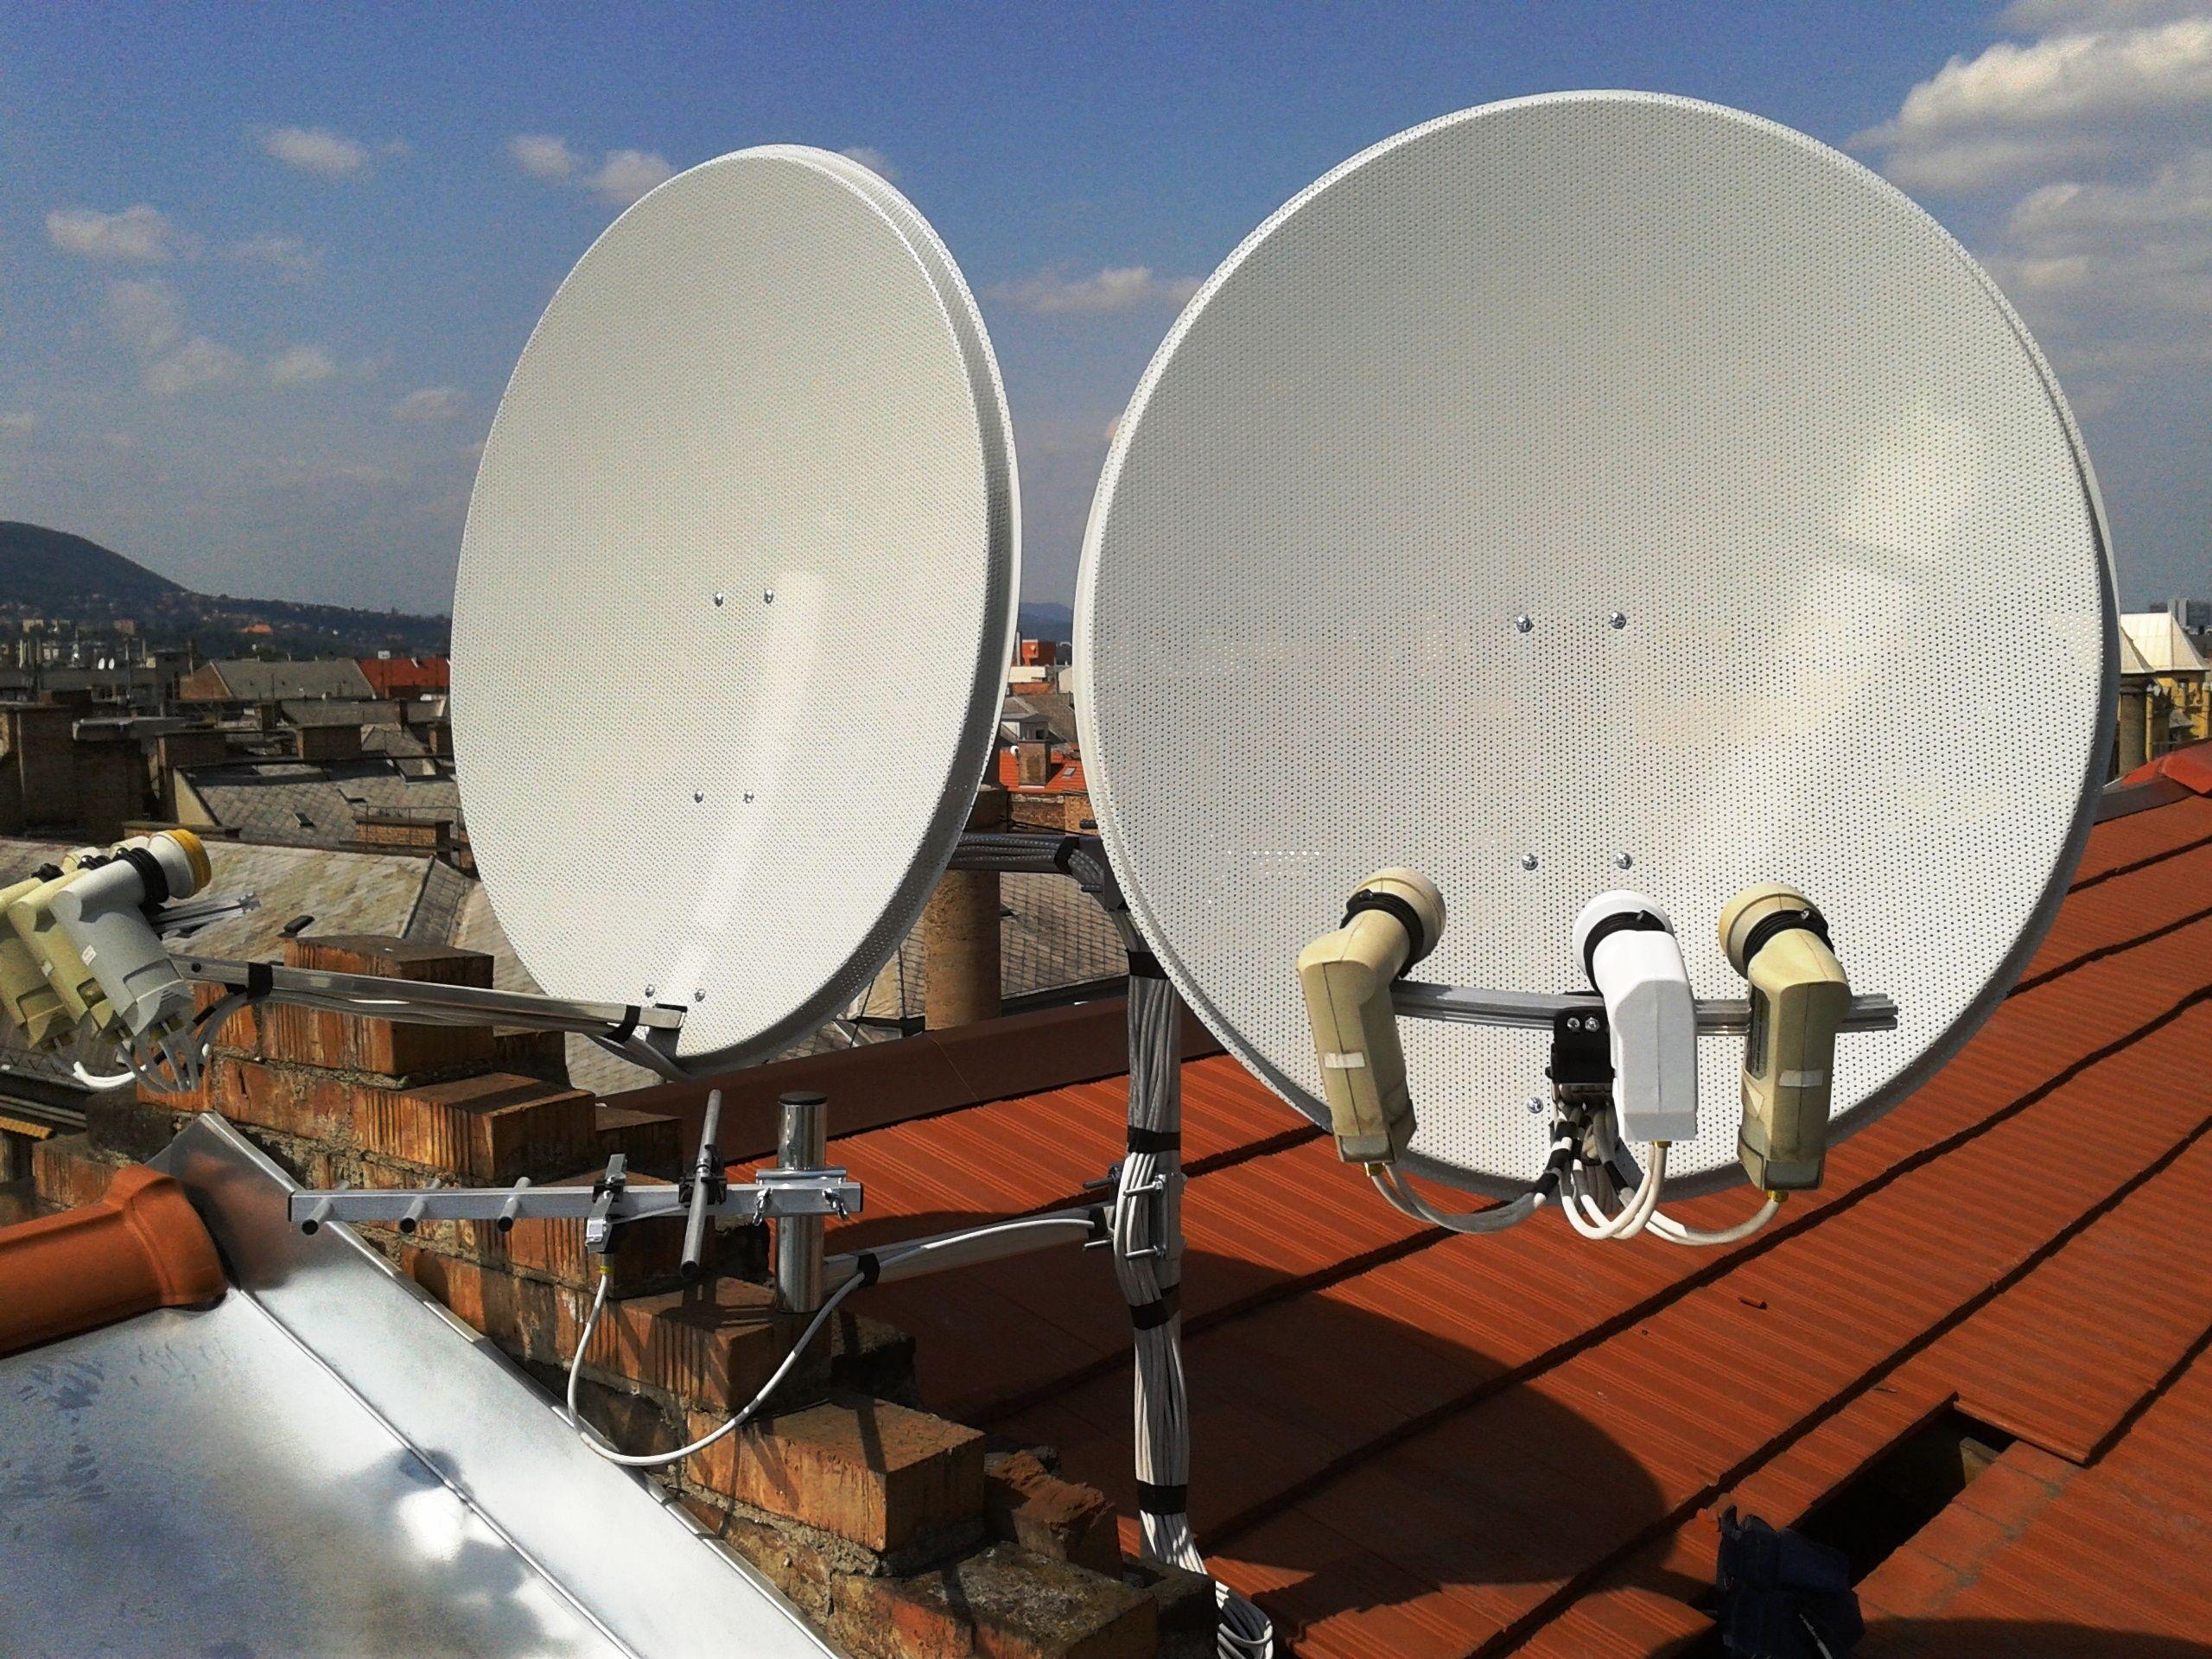 Fix két vagy három fejes parabola antenna.